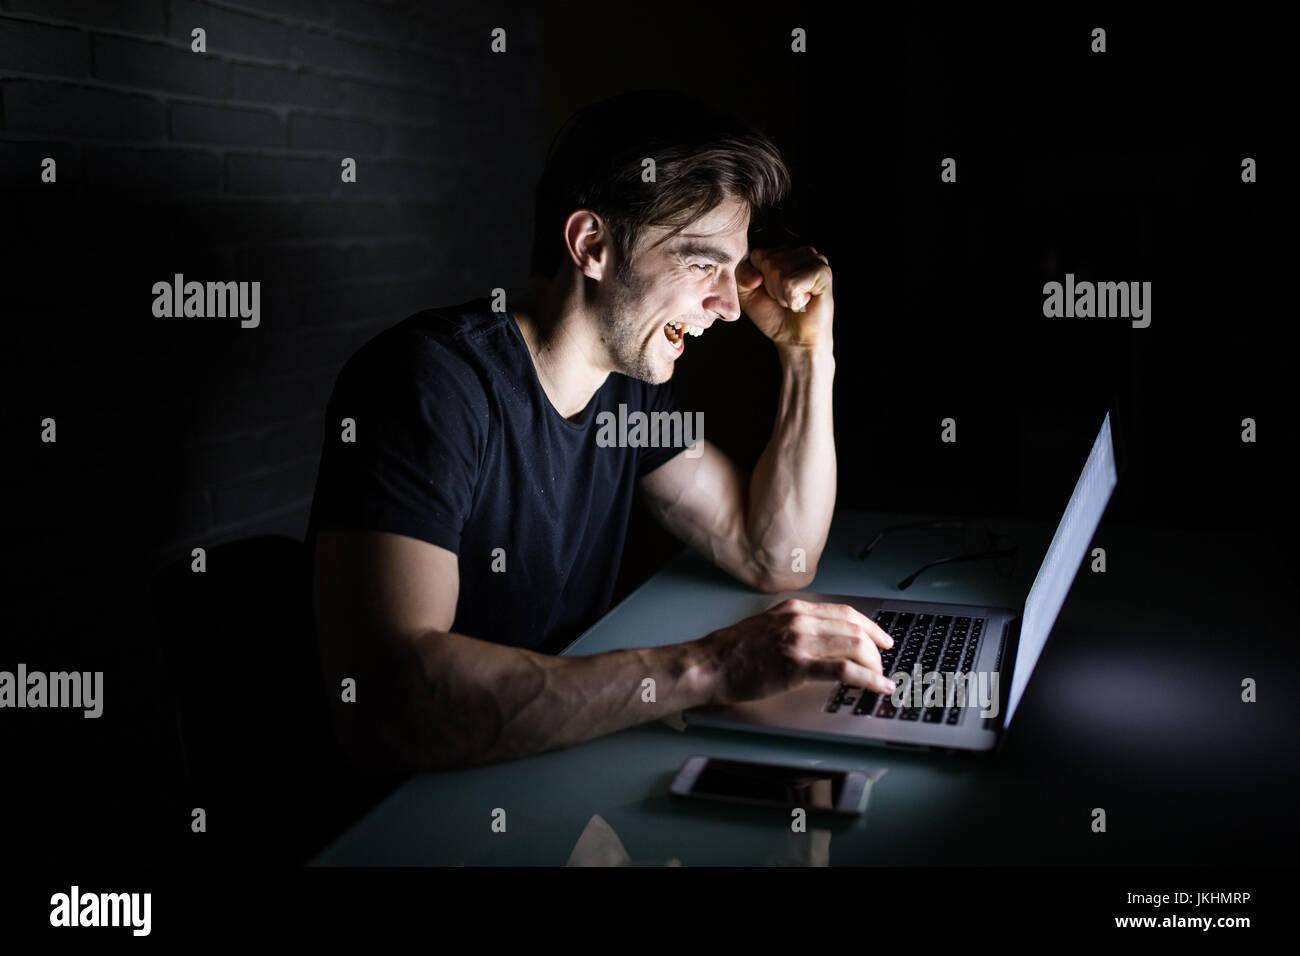 Joven trabajando en equipo por la noche en la oscuridad de la oficina el diseñador trabaja en la tarde. Hacker Imagen De Stock